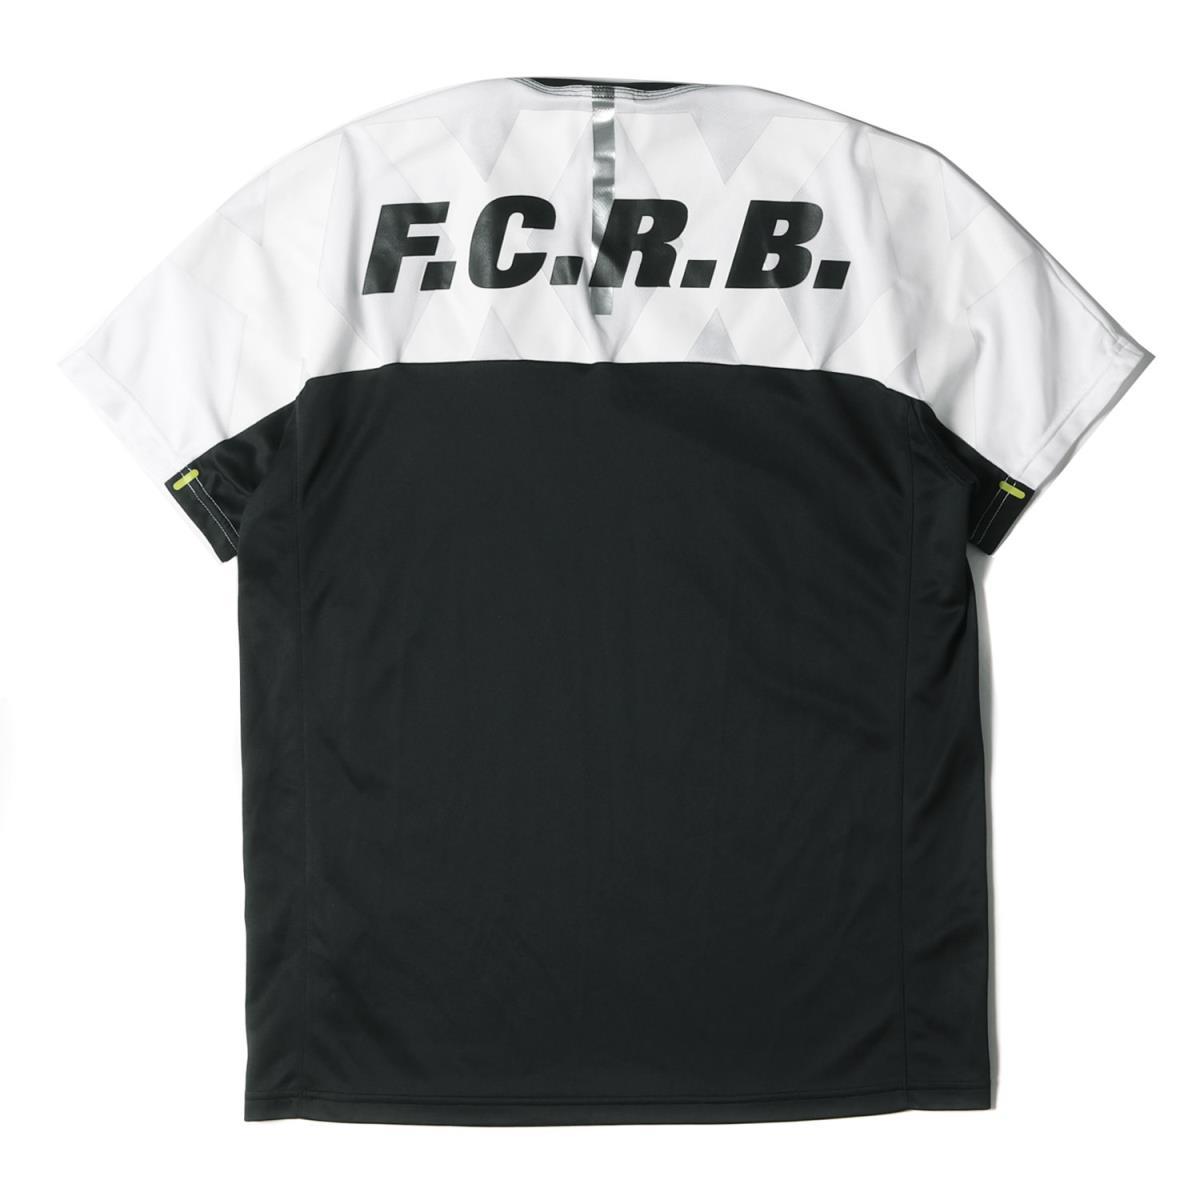 トップス, Tシャツ・カットソー FCRB T 18AW T GAME SHIRT L K2765